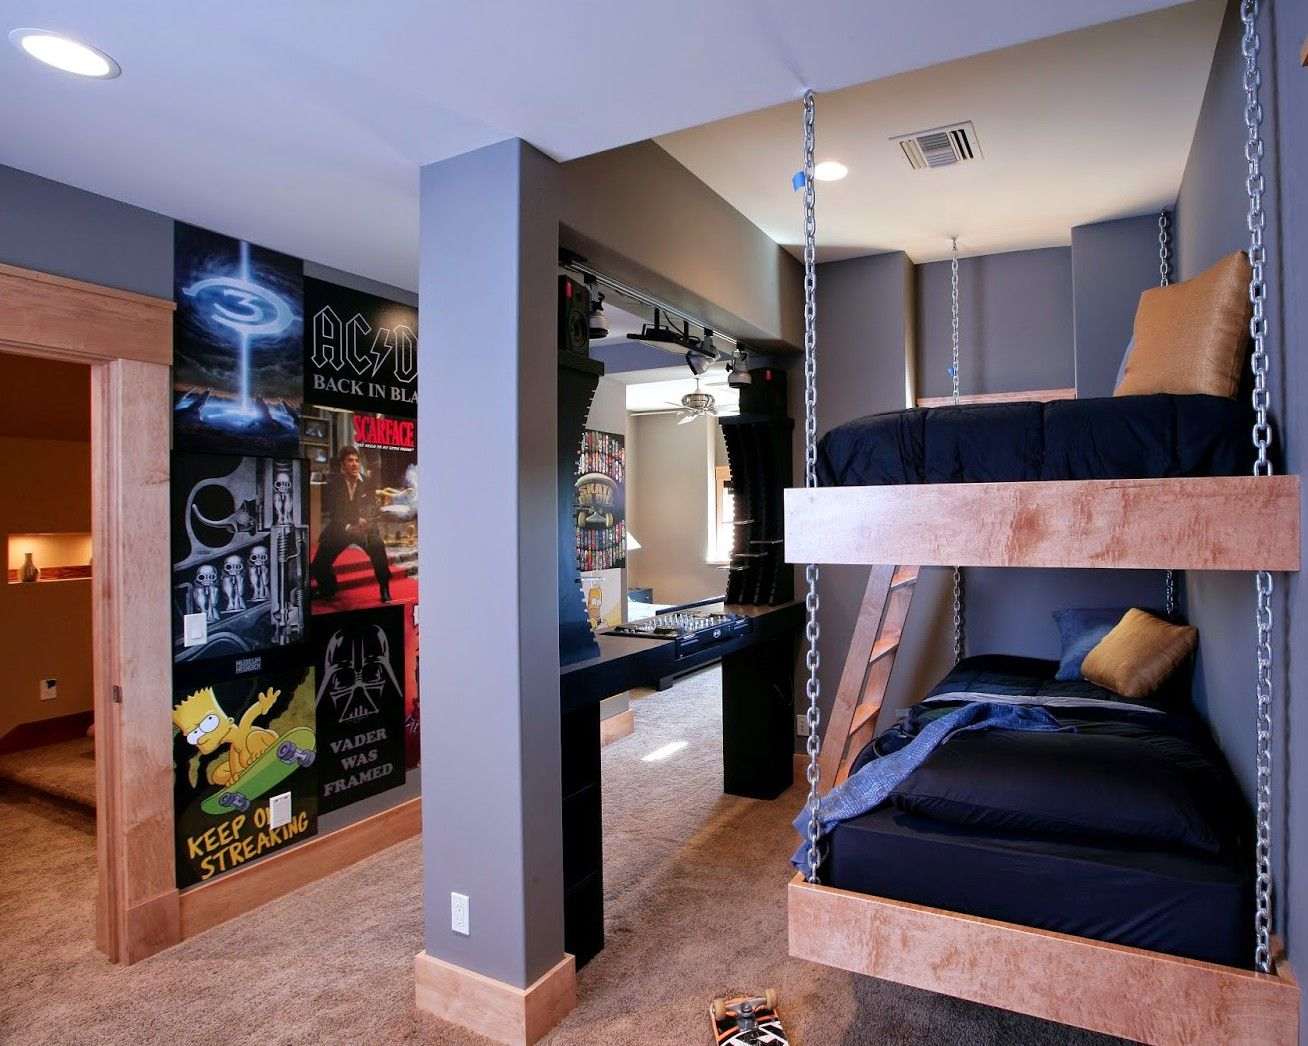 Coole Jugendzimmer Ideen coole zimmer ideen für jugendliche | pinterest | room